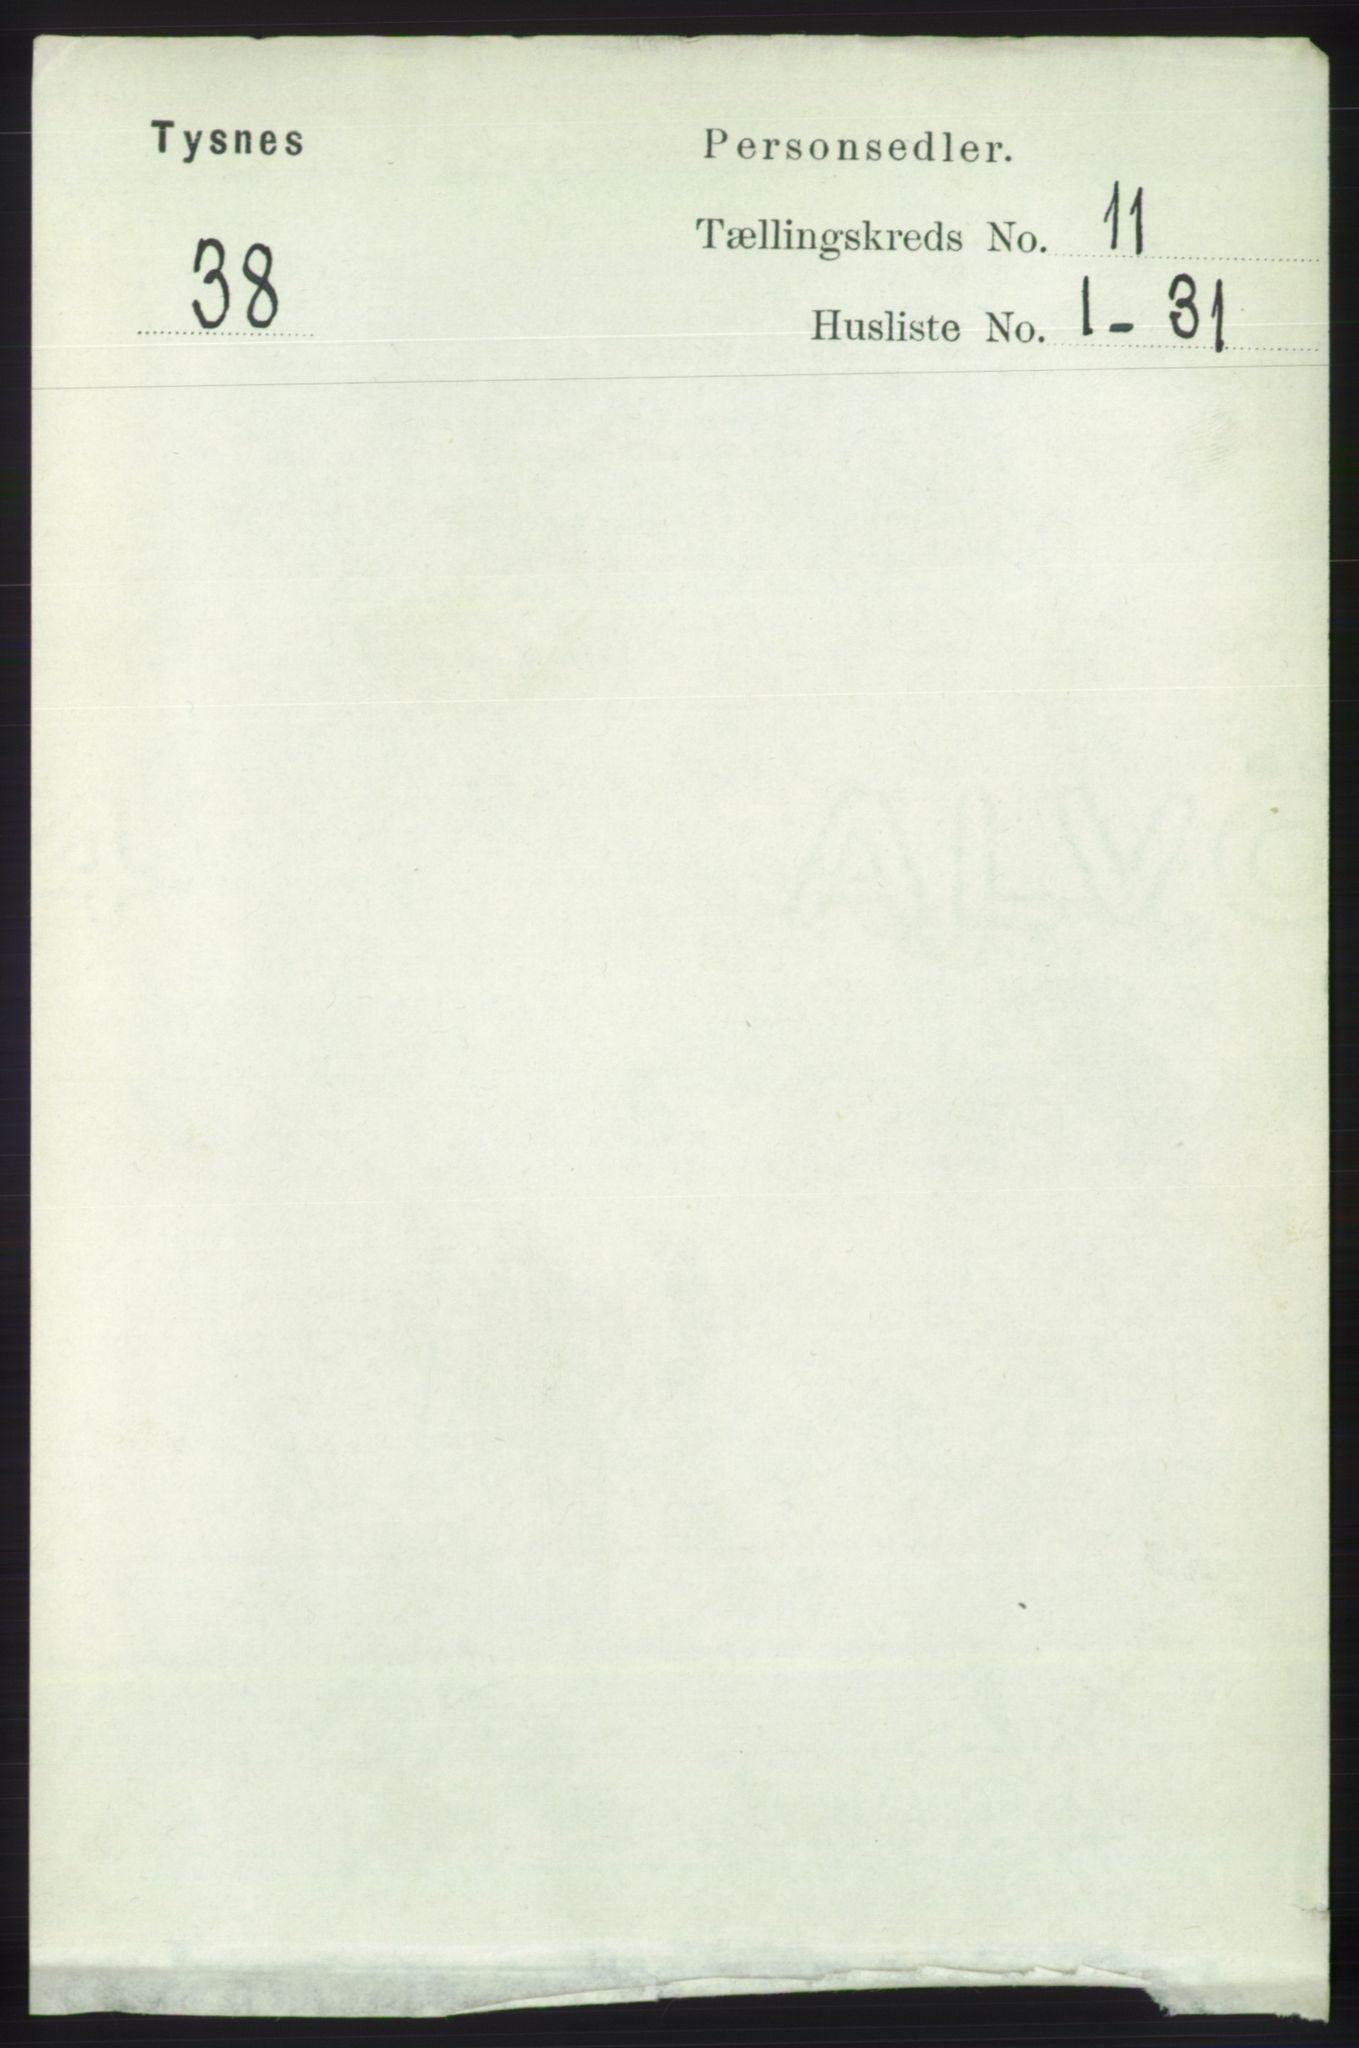 RA, Folketelling 1891 for 1223 Tysnes herred, 1891, s. 5362